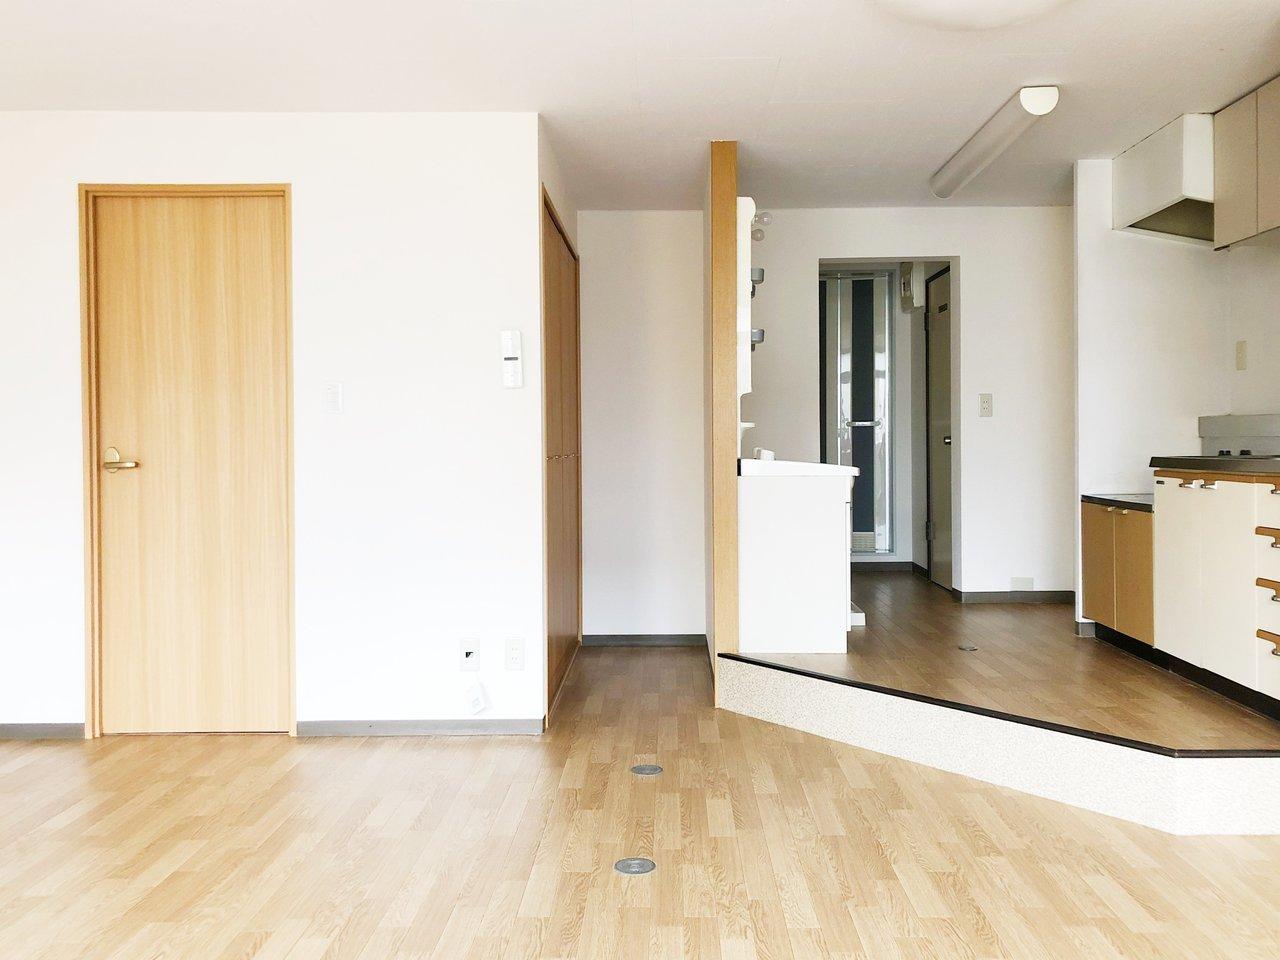 広島駅徒歩9分のアパート。こちらのお部屋、ペットOK!新しい相棒との暮らしを考えている方に最適です。